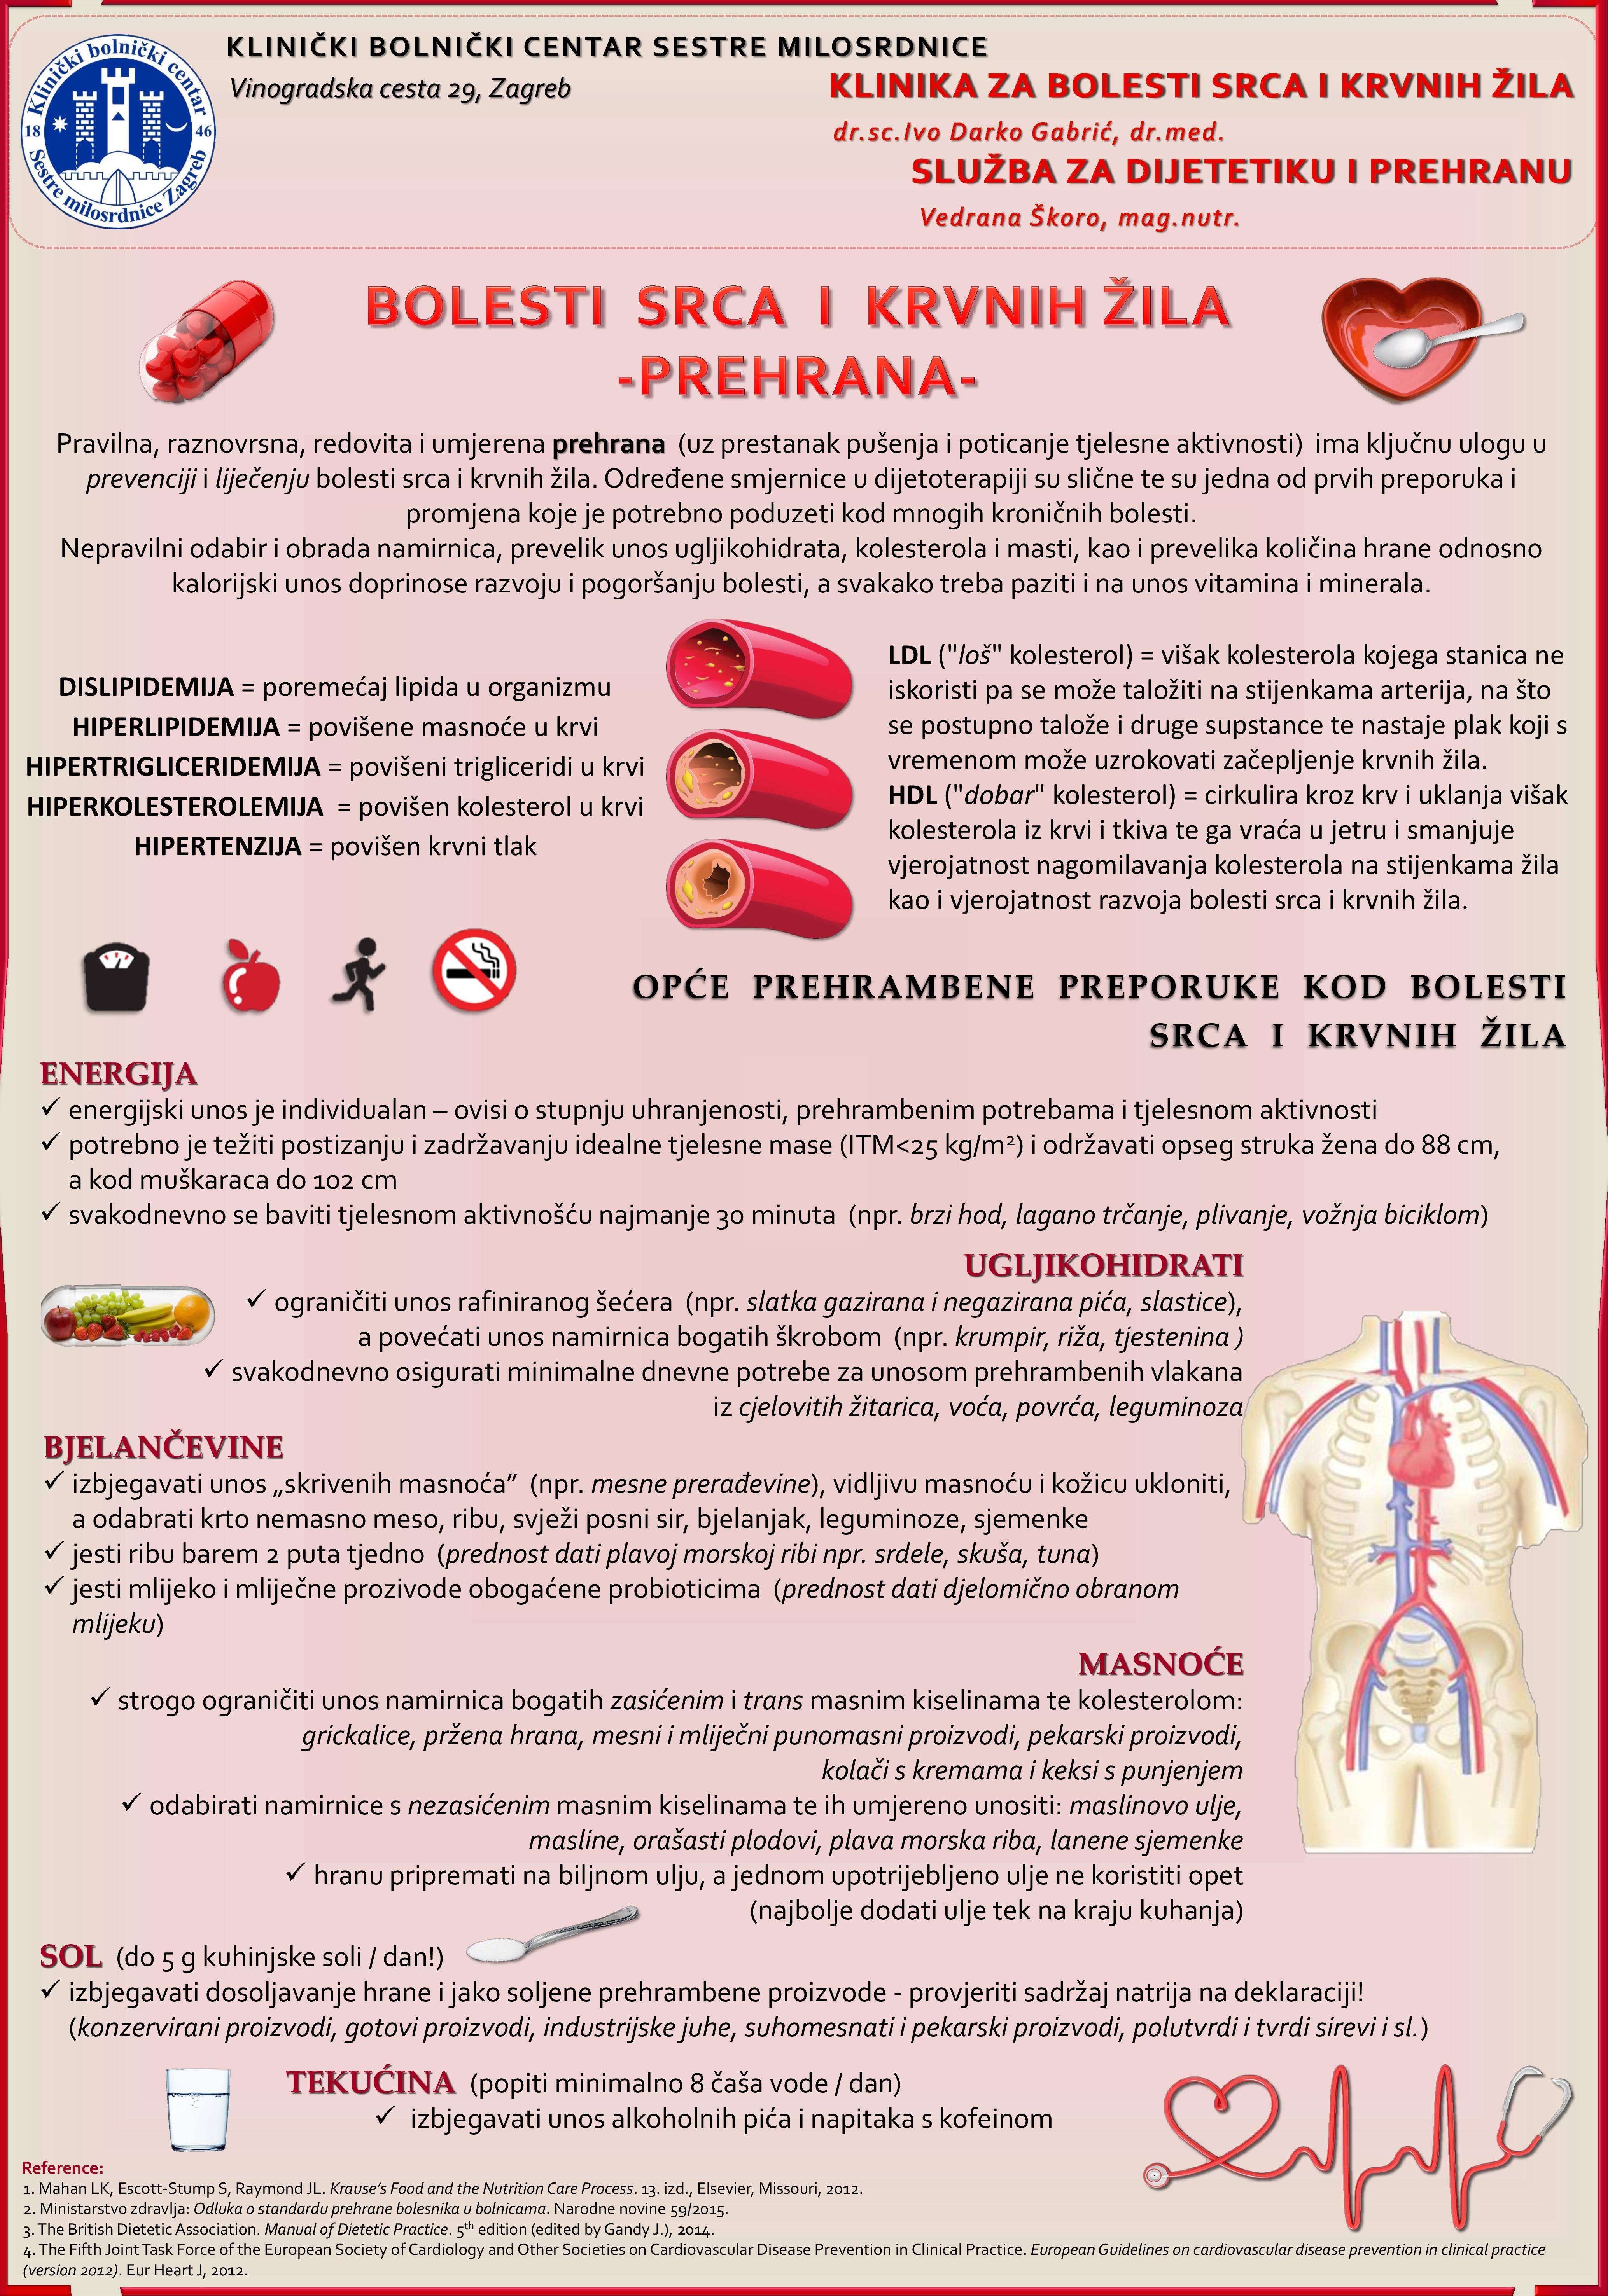 hipertenzija novine)